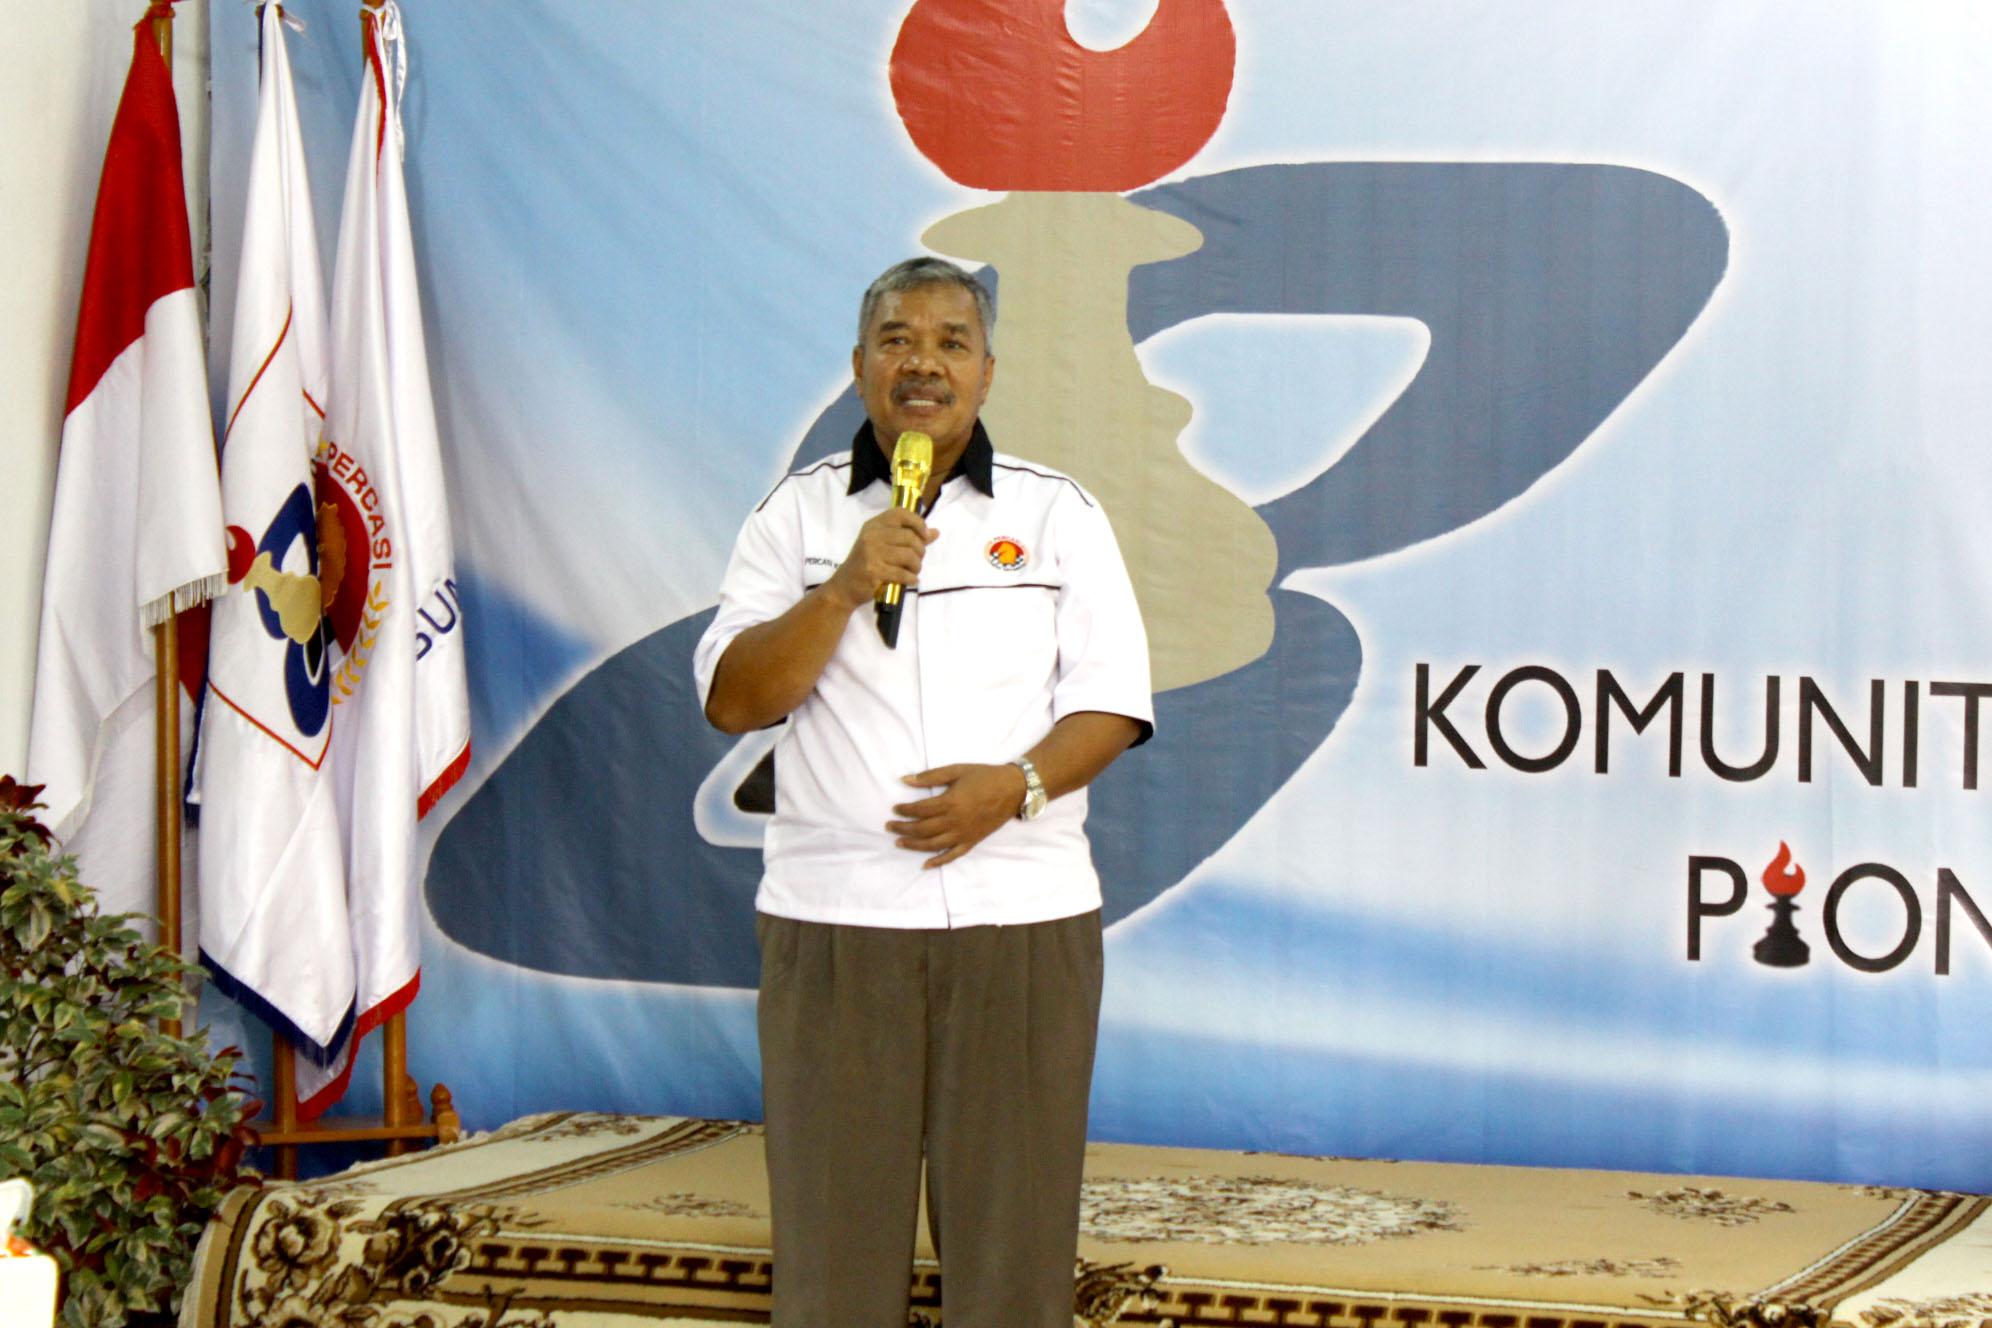 Dadi Rusmiadi Ketua Percasi Kota Depok saat memberikan sambutan diacara pembukaan open turnamen catur Pion 8, Cilodong Kota Depok Jawa barat, (02/03/19).